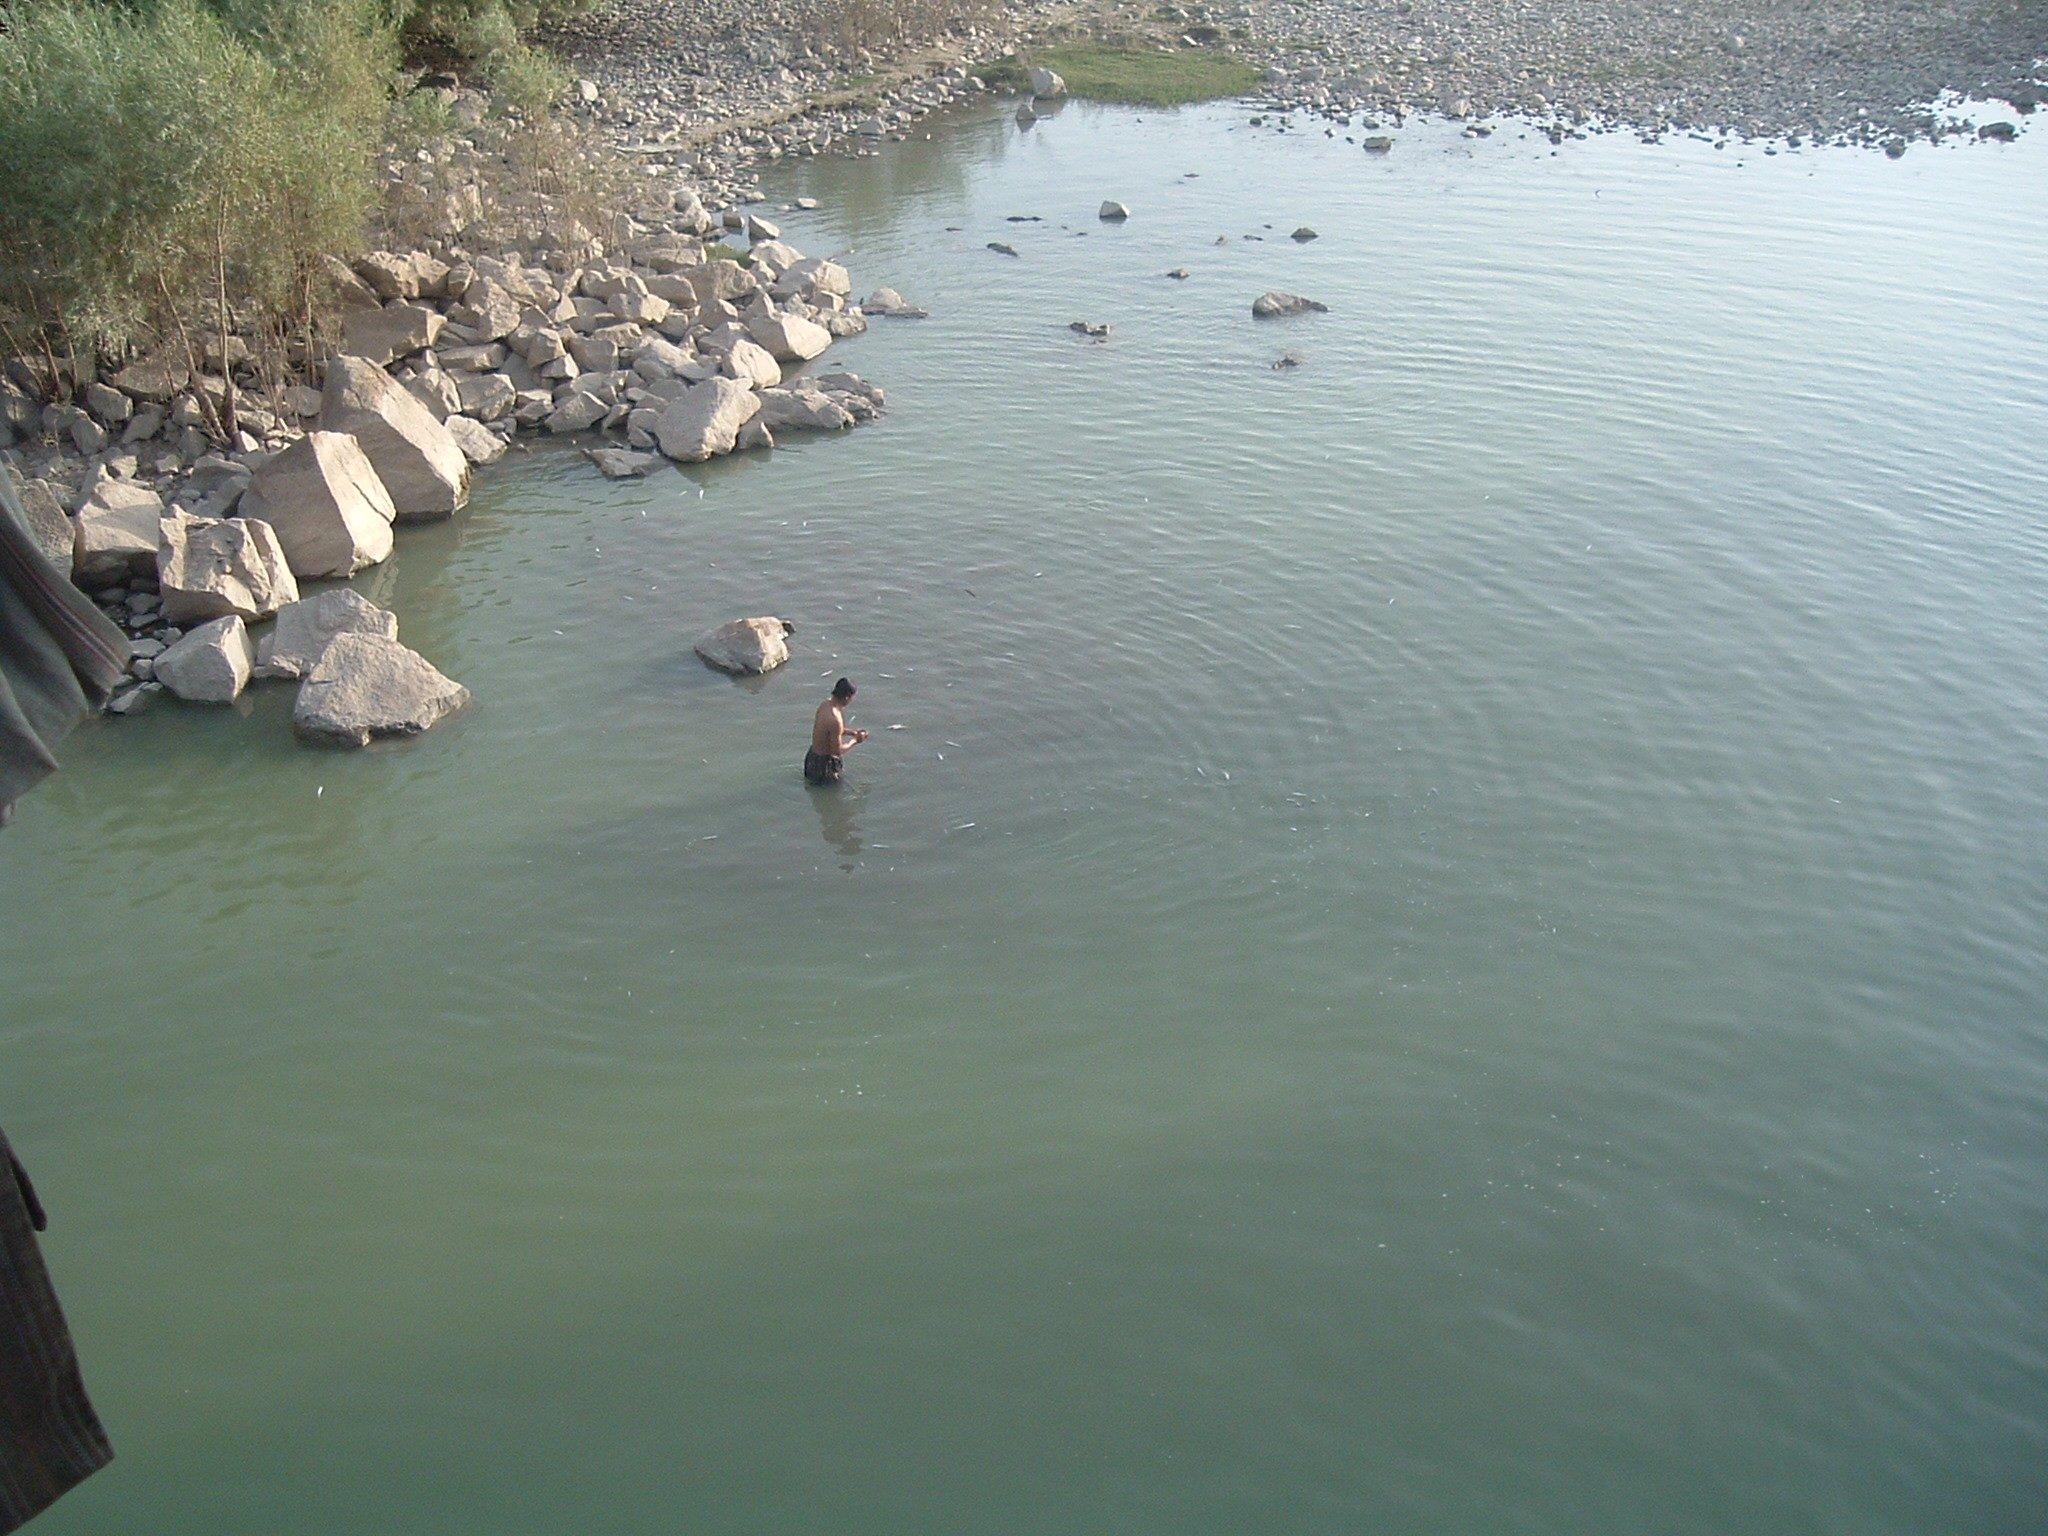 Fishing in Afghanistan